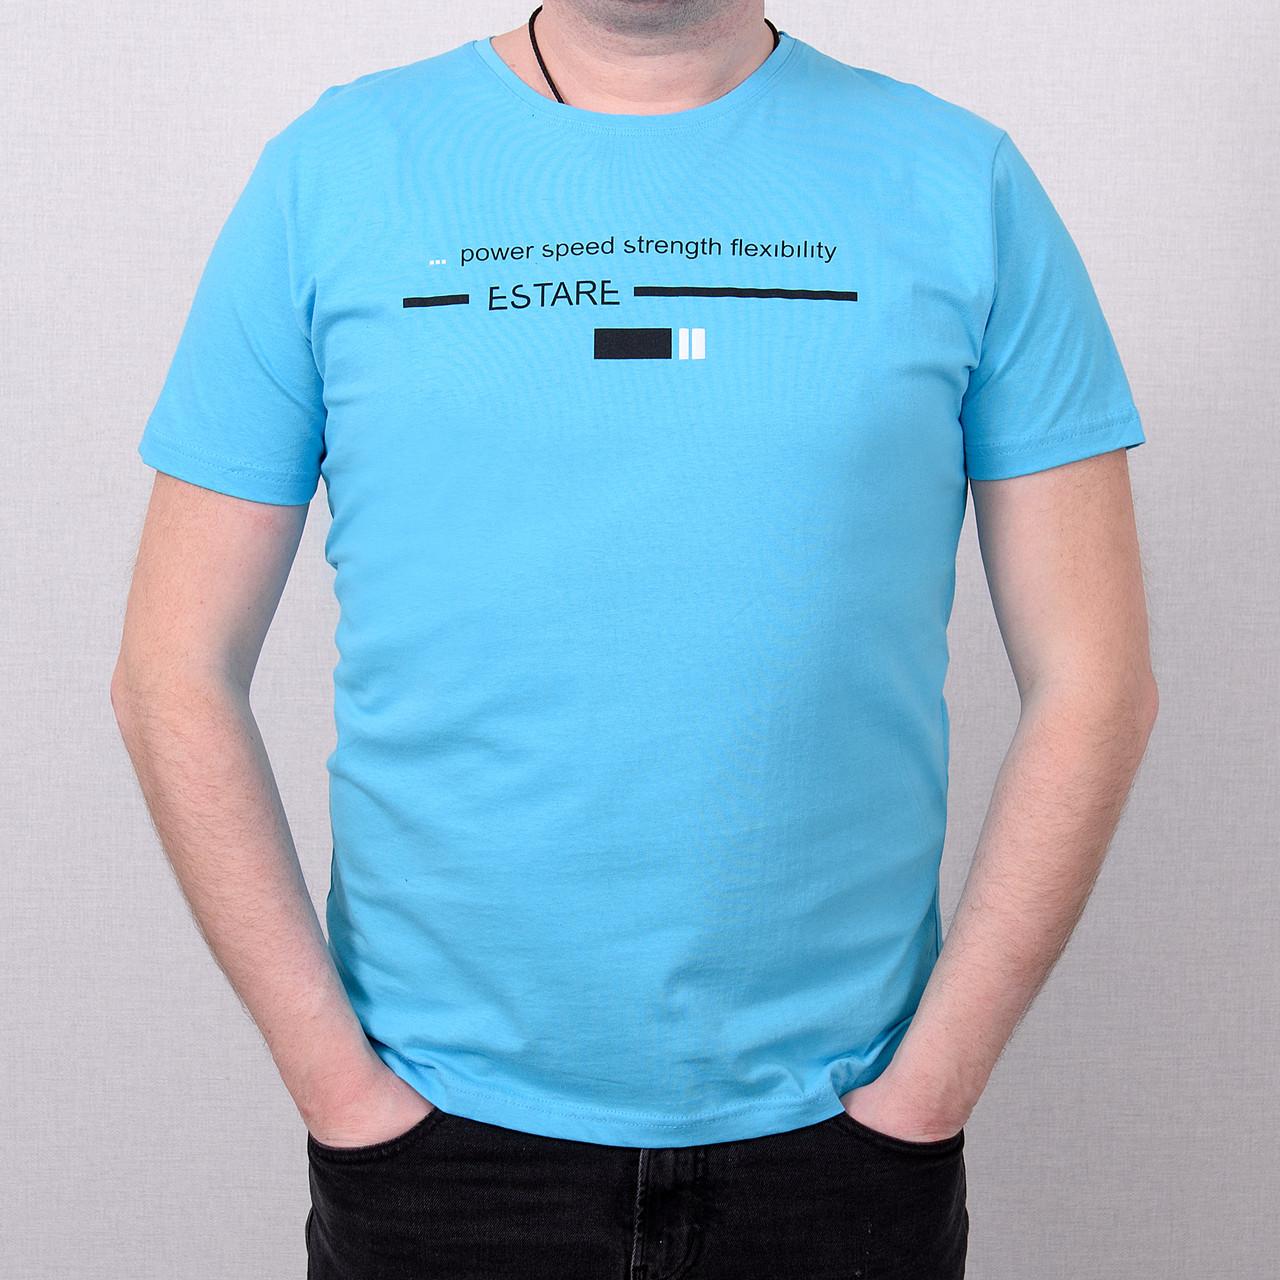 Чоловіча футболка великого розміру, блакитного кольору